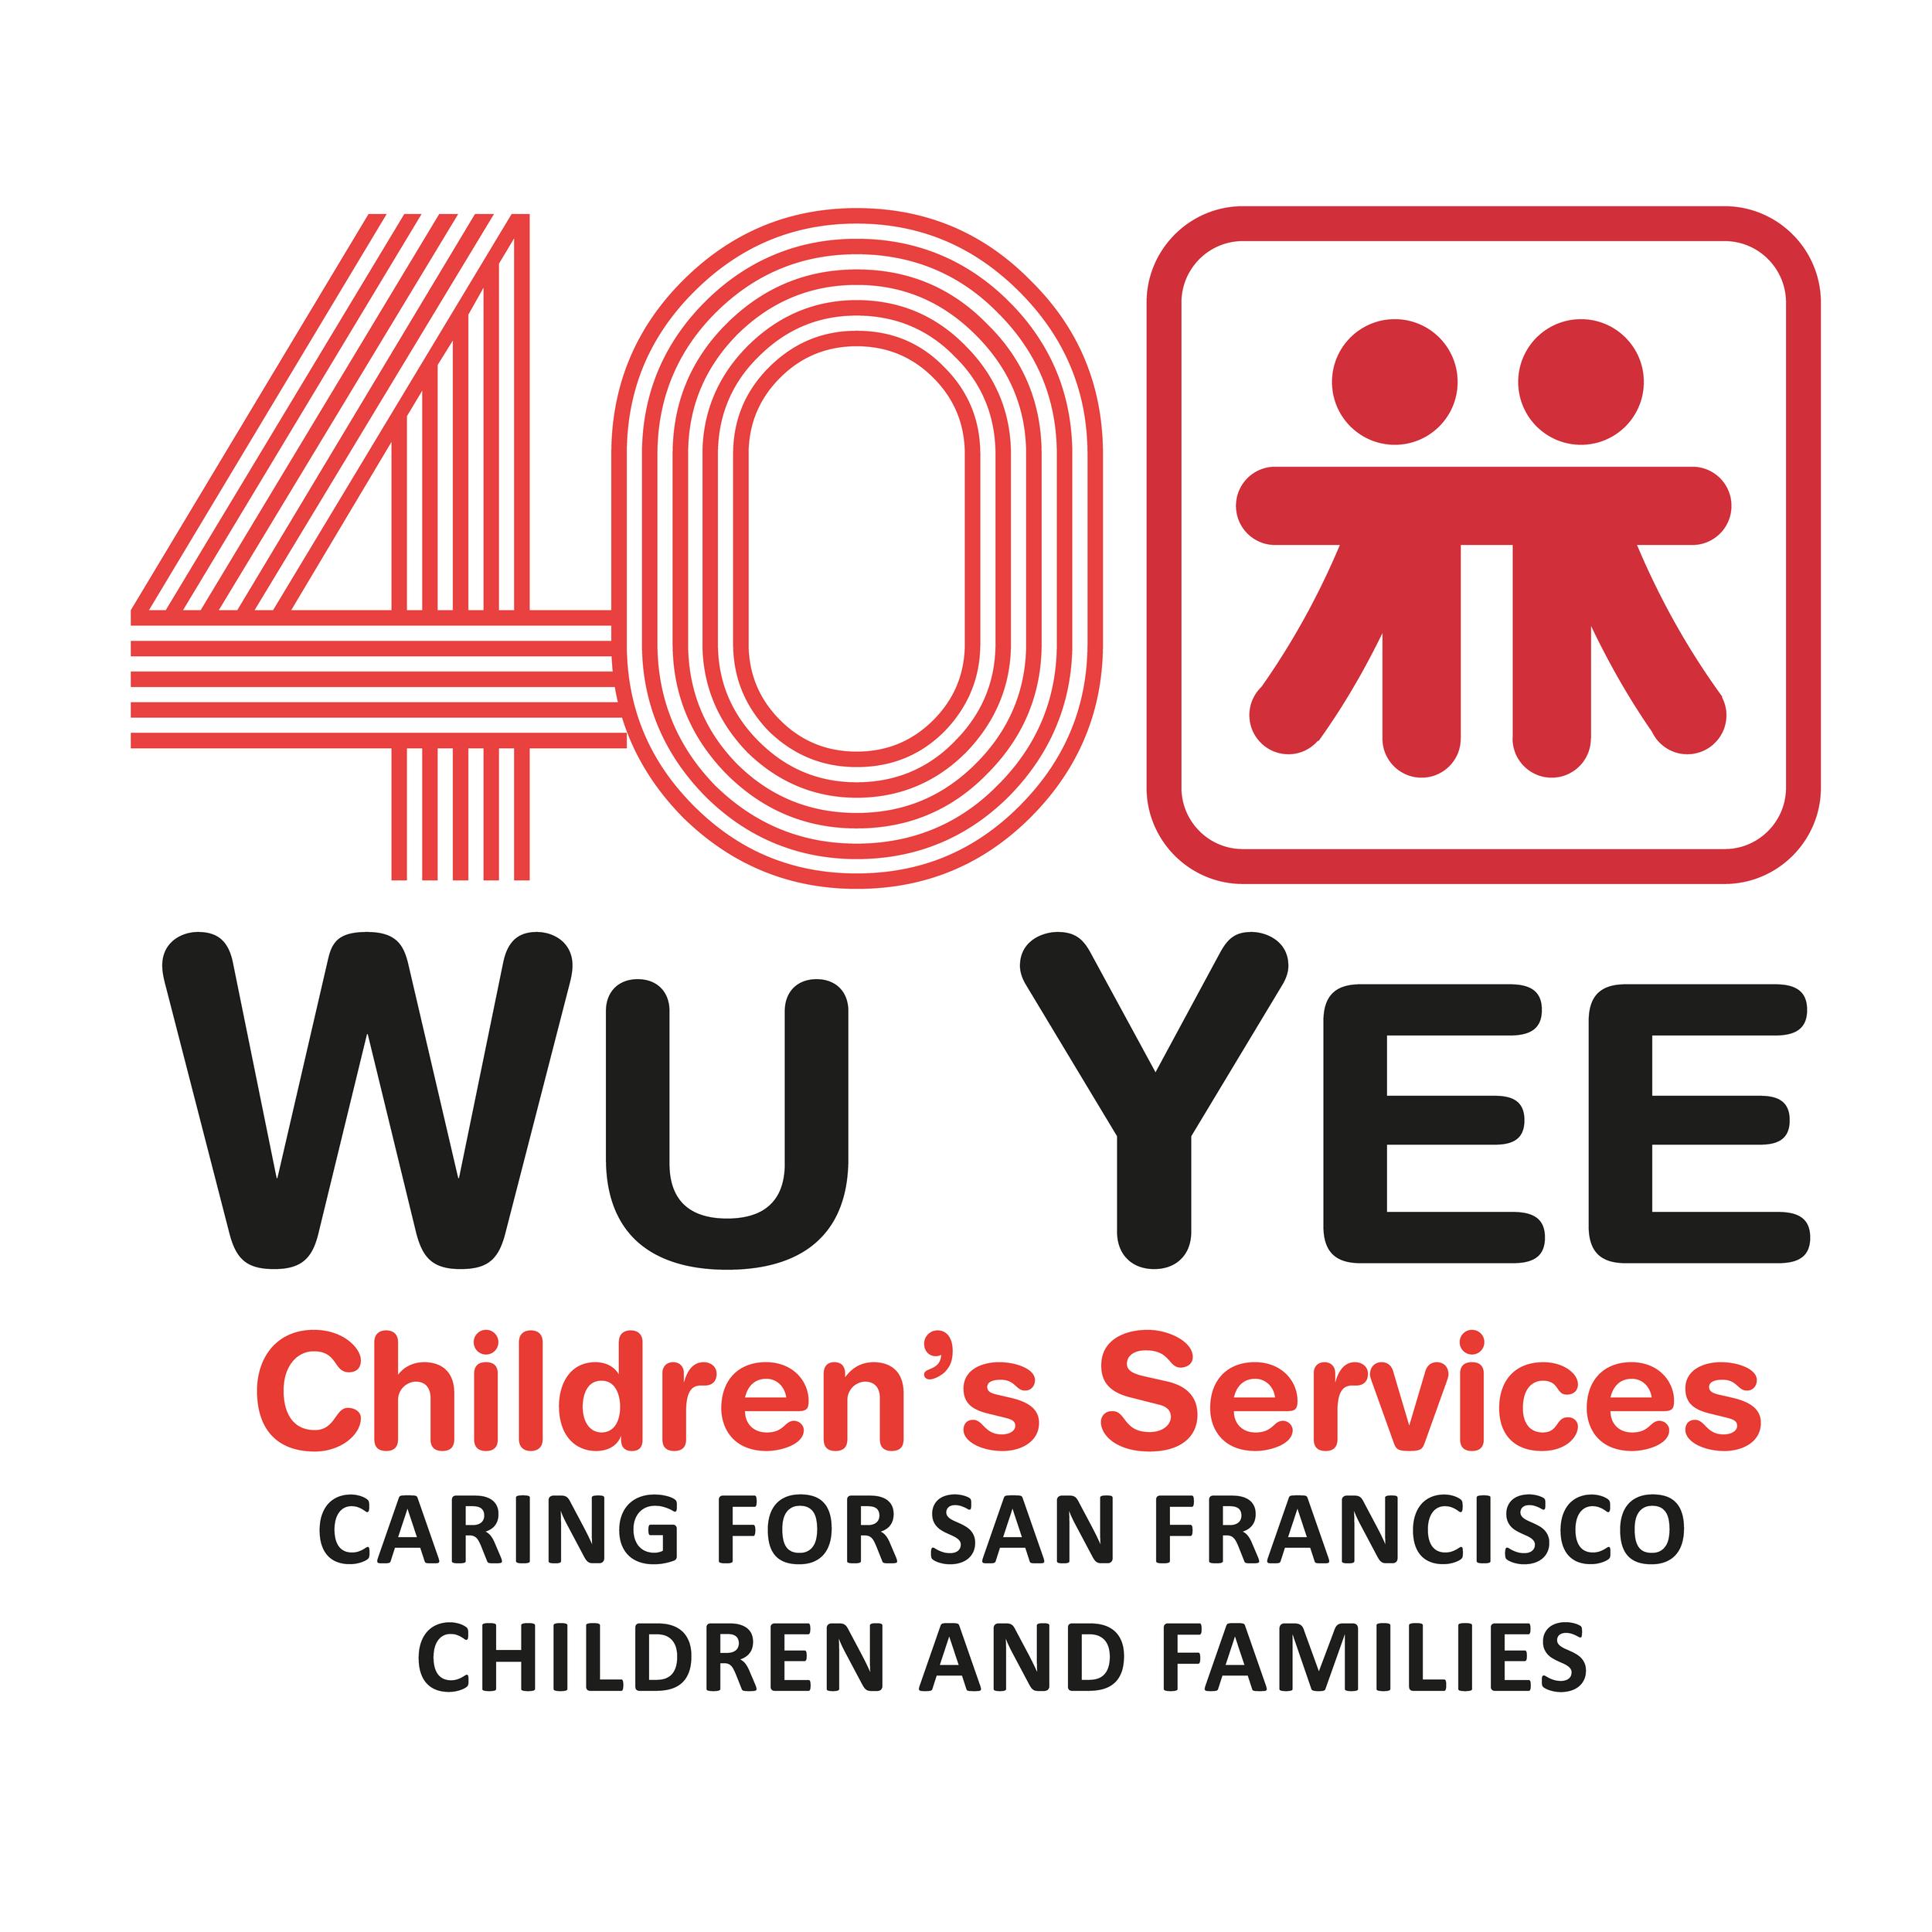 Wu Yee40-01.png